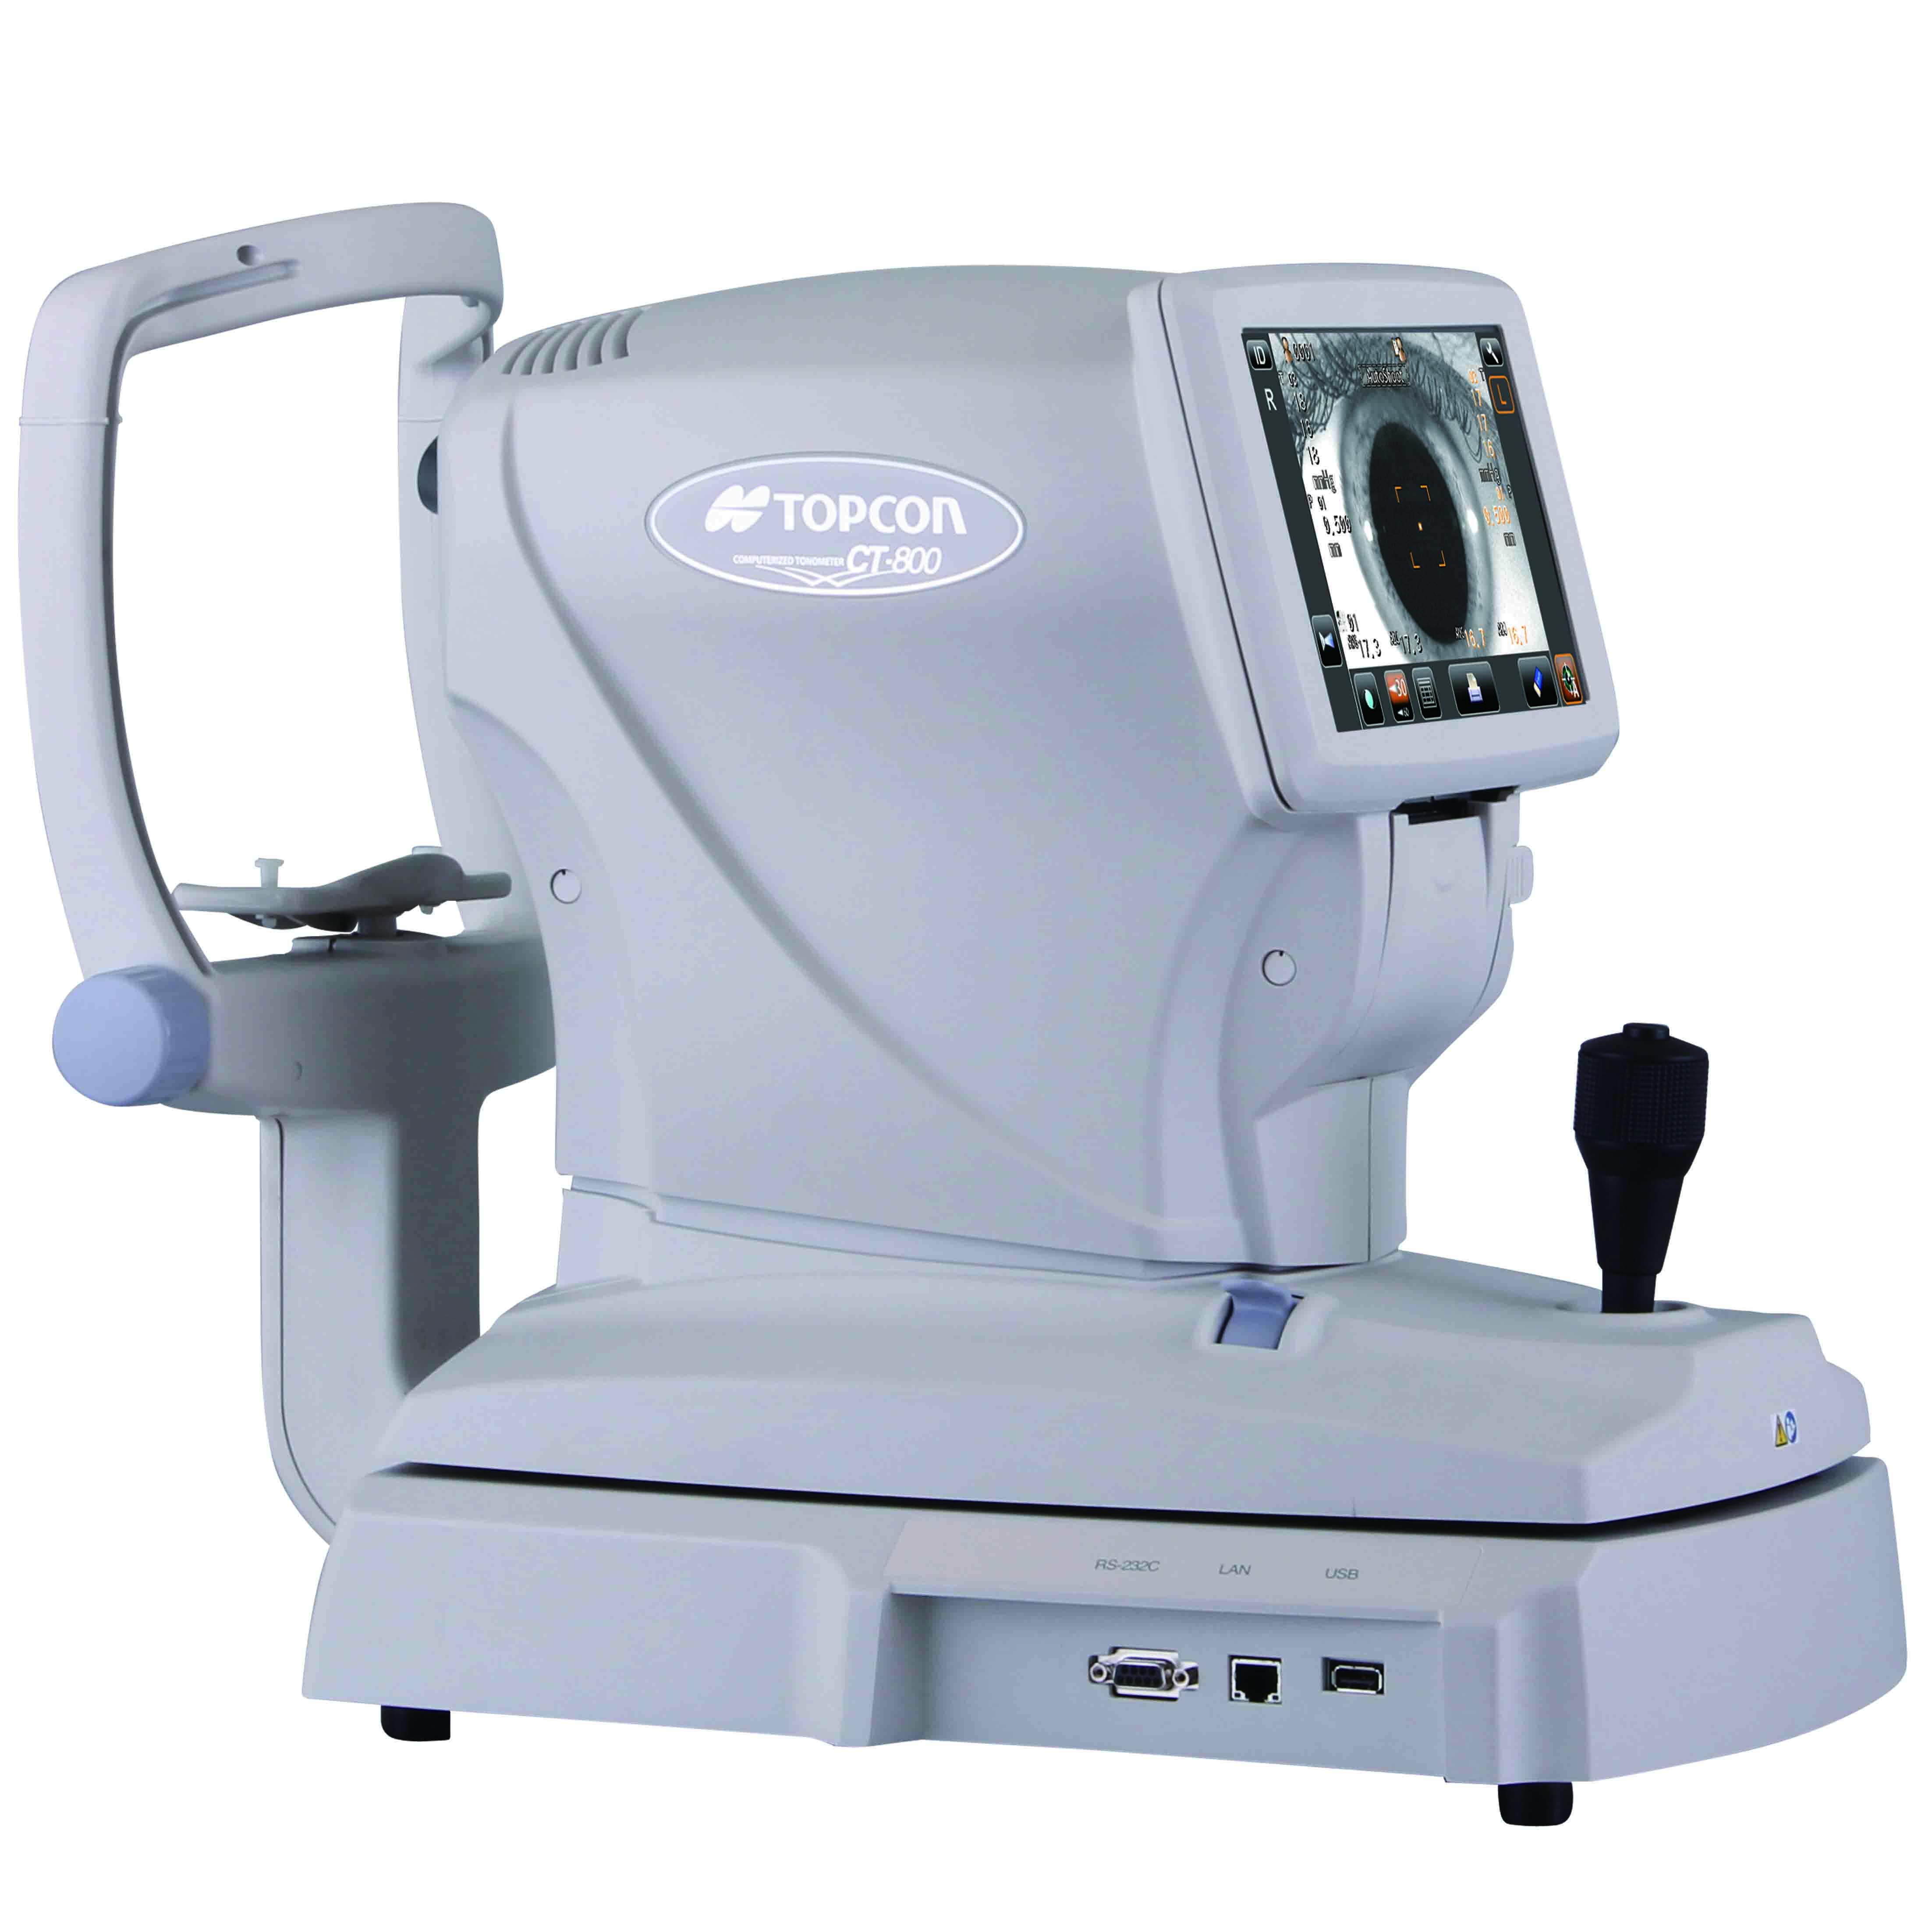 日本拓普康CT-800电脑非接触眼压计